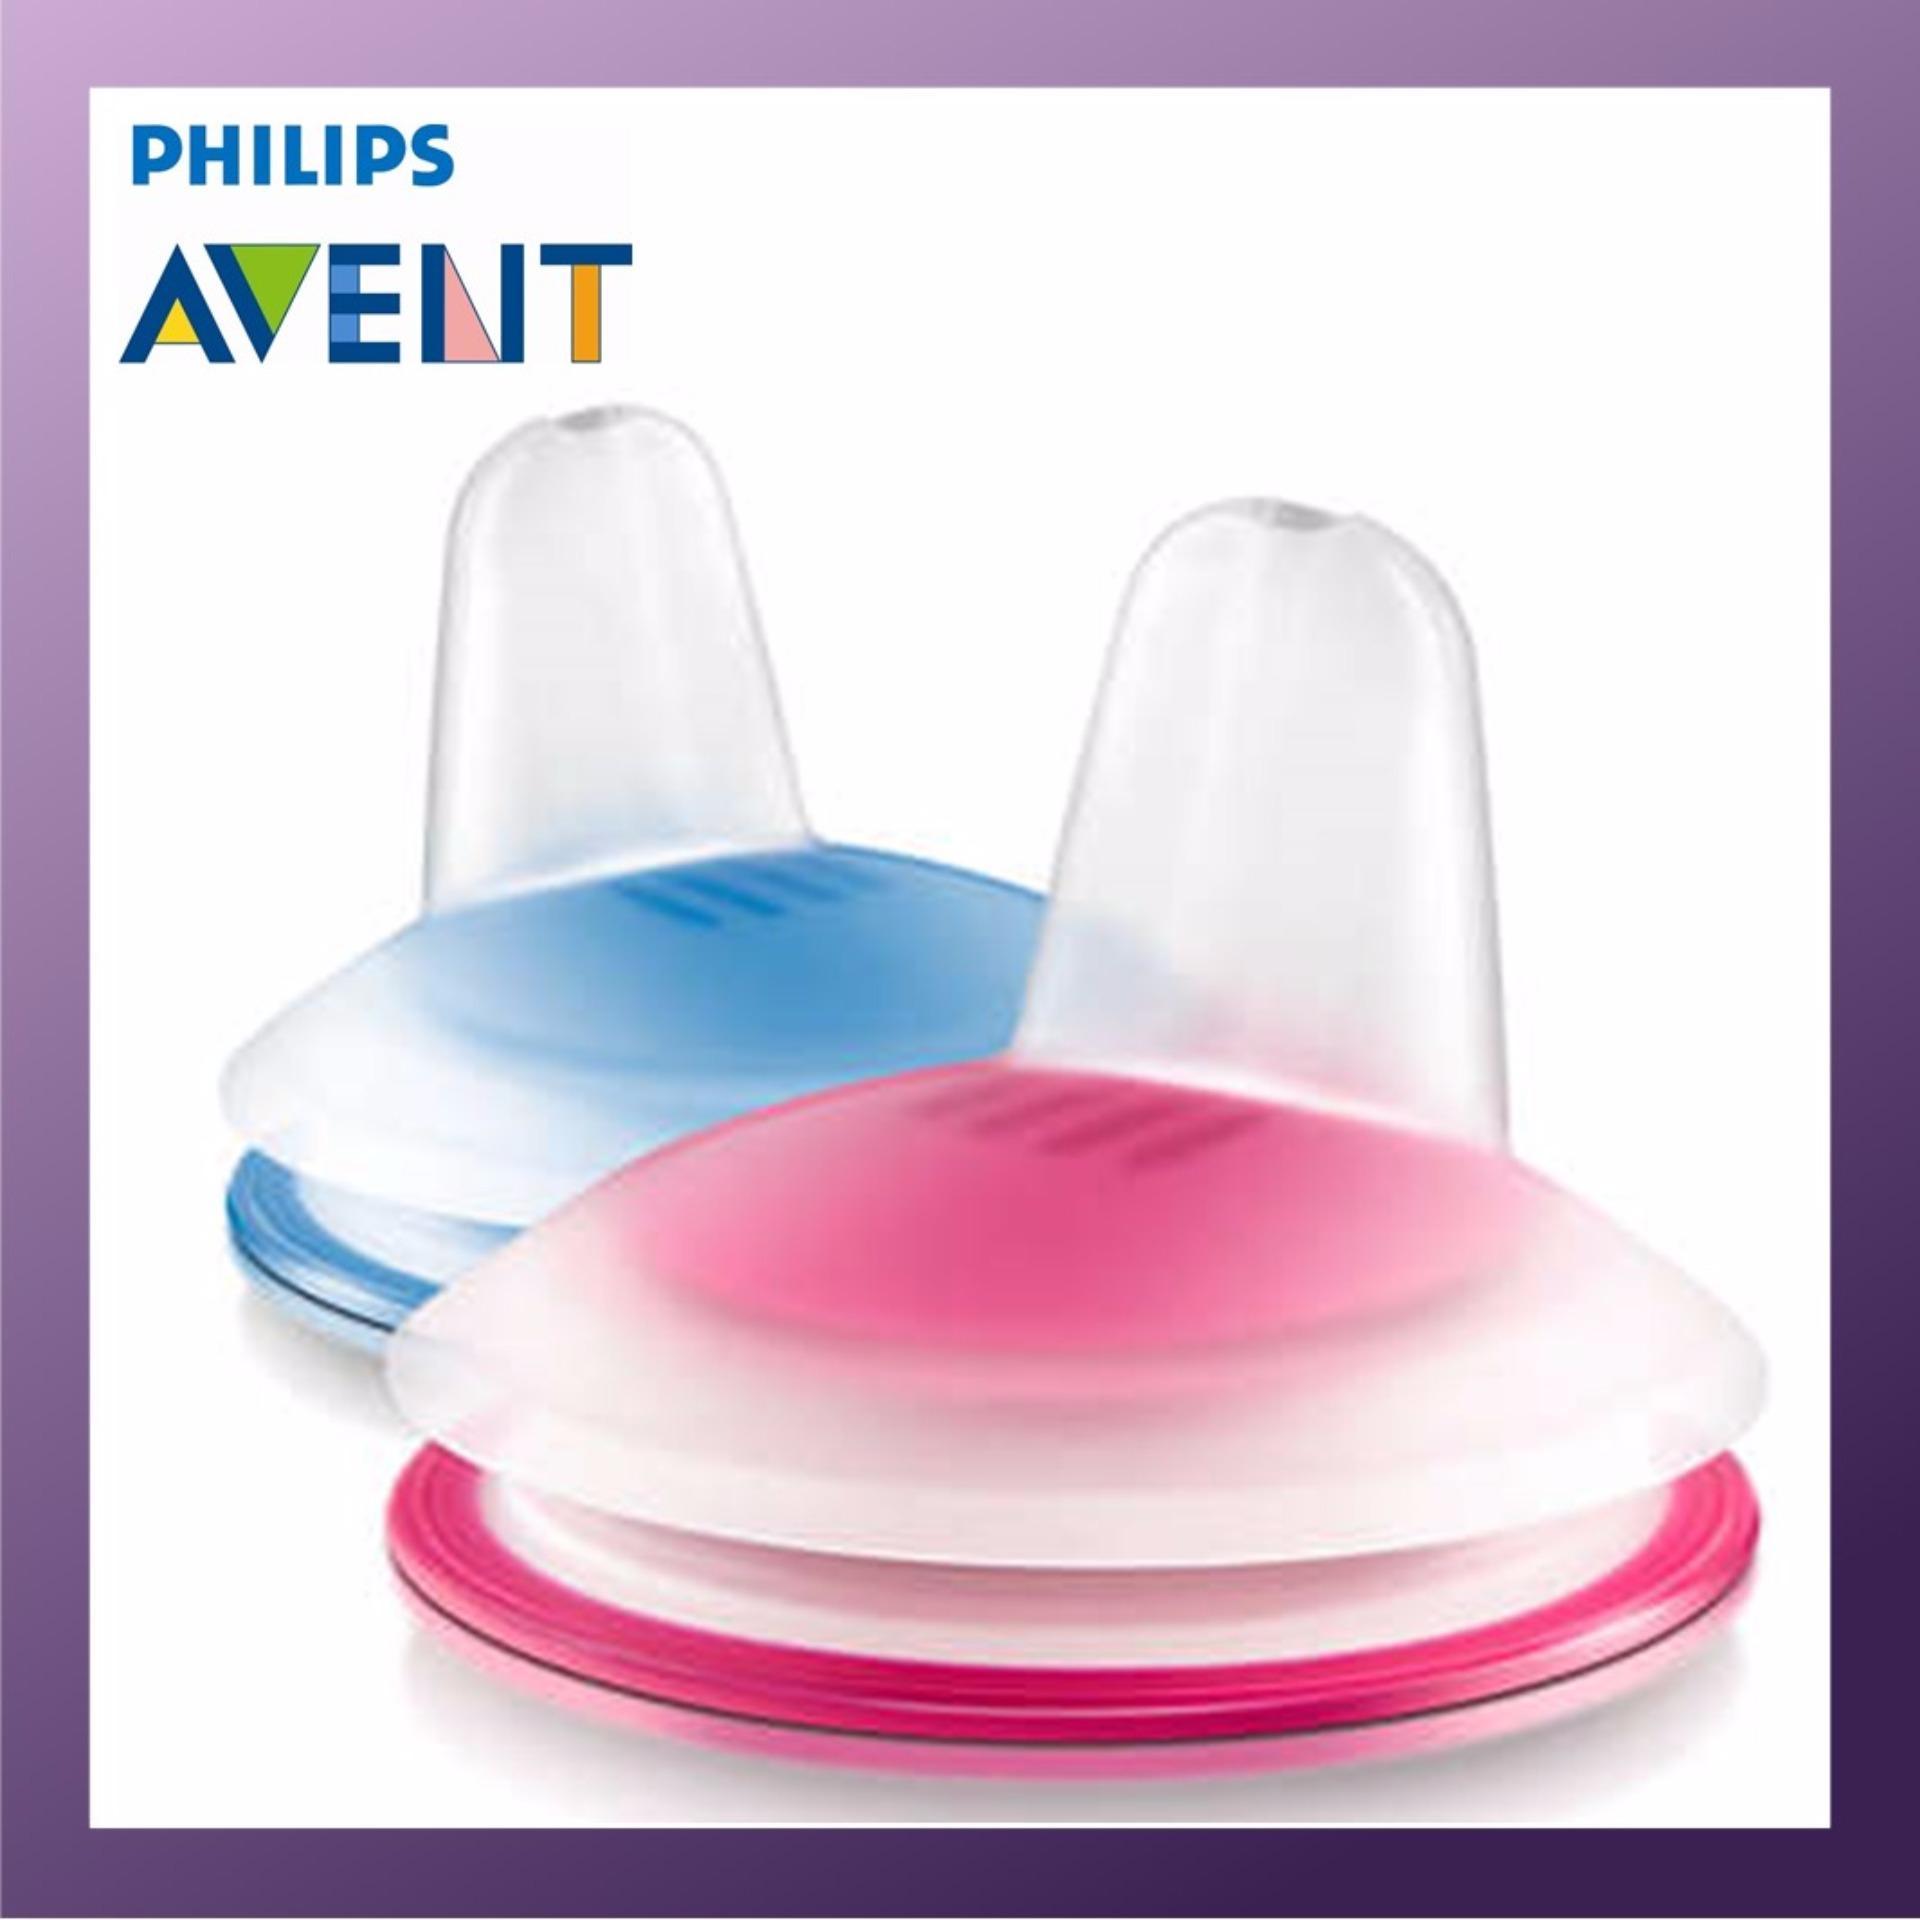 Philips Avent Premium Spout Replacement 7oz(Blue/Pink)